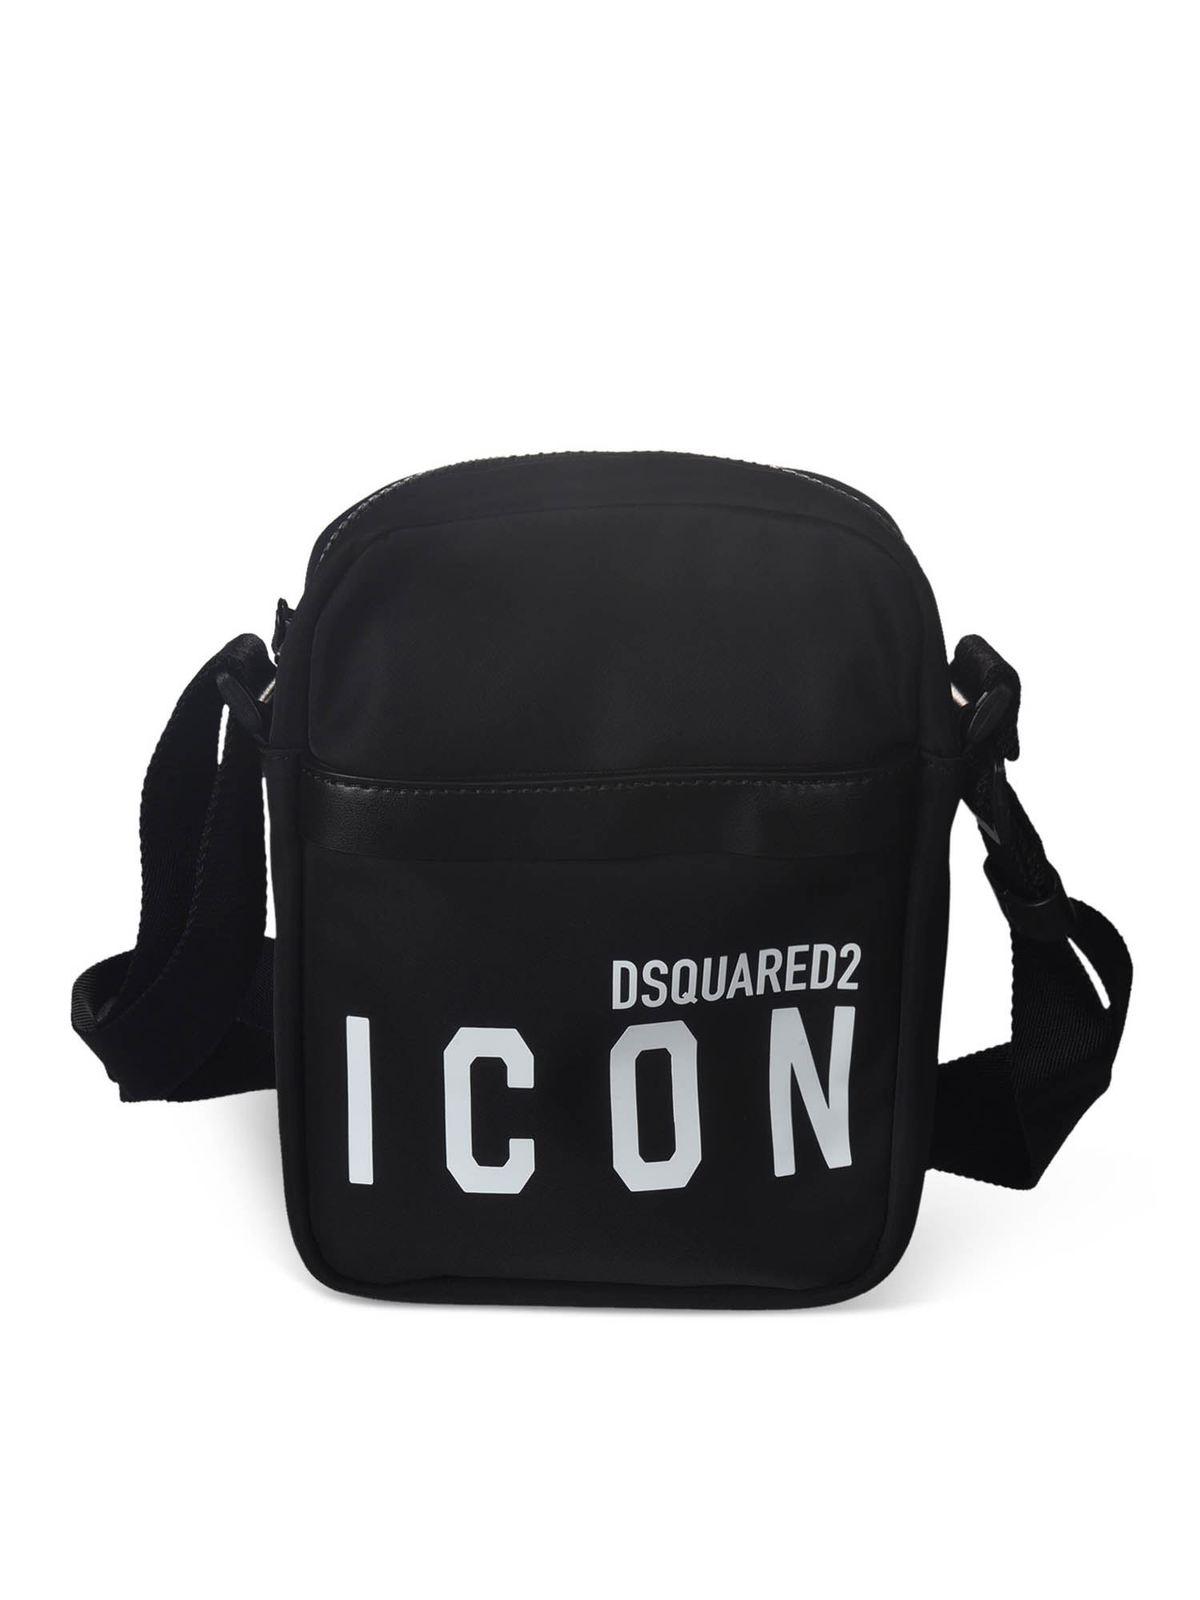 DSQUARED2 LOGO PRINT SHOULDER BAG IN BLACK